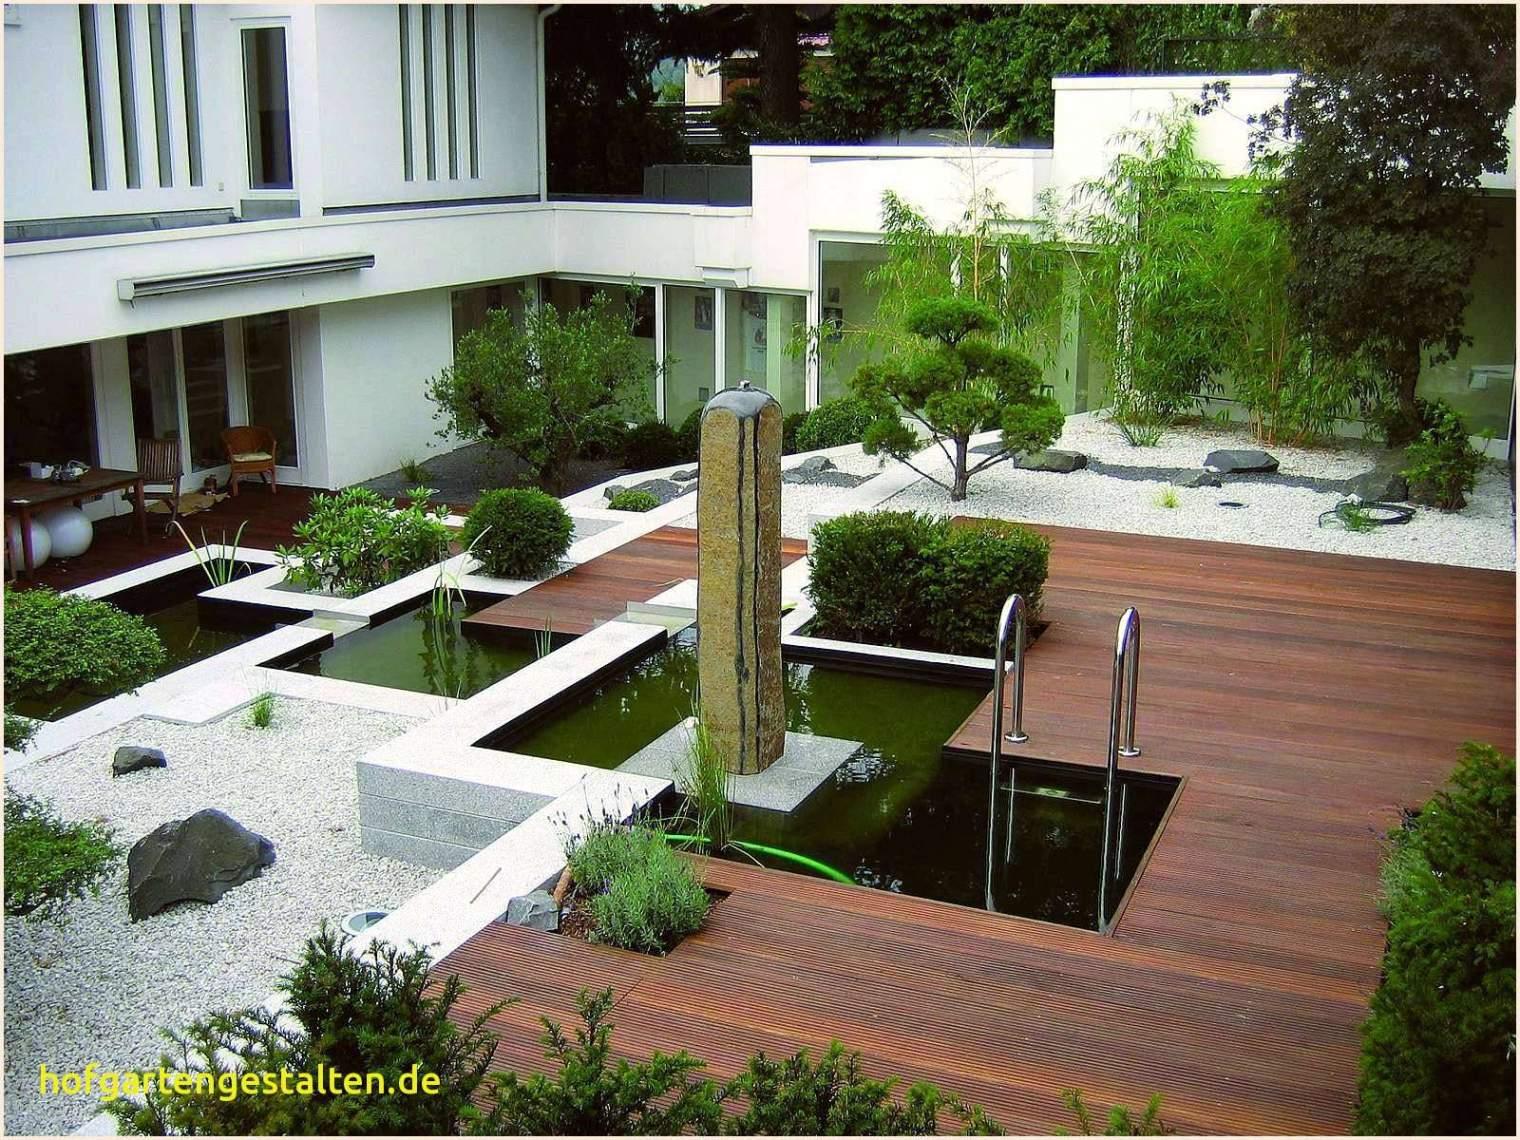 schone garten bilder elegant kleine pools fur kleine garten temobardz home blog of schone garten bilder 1